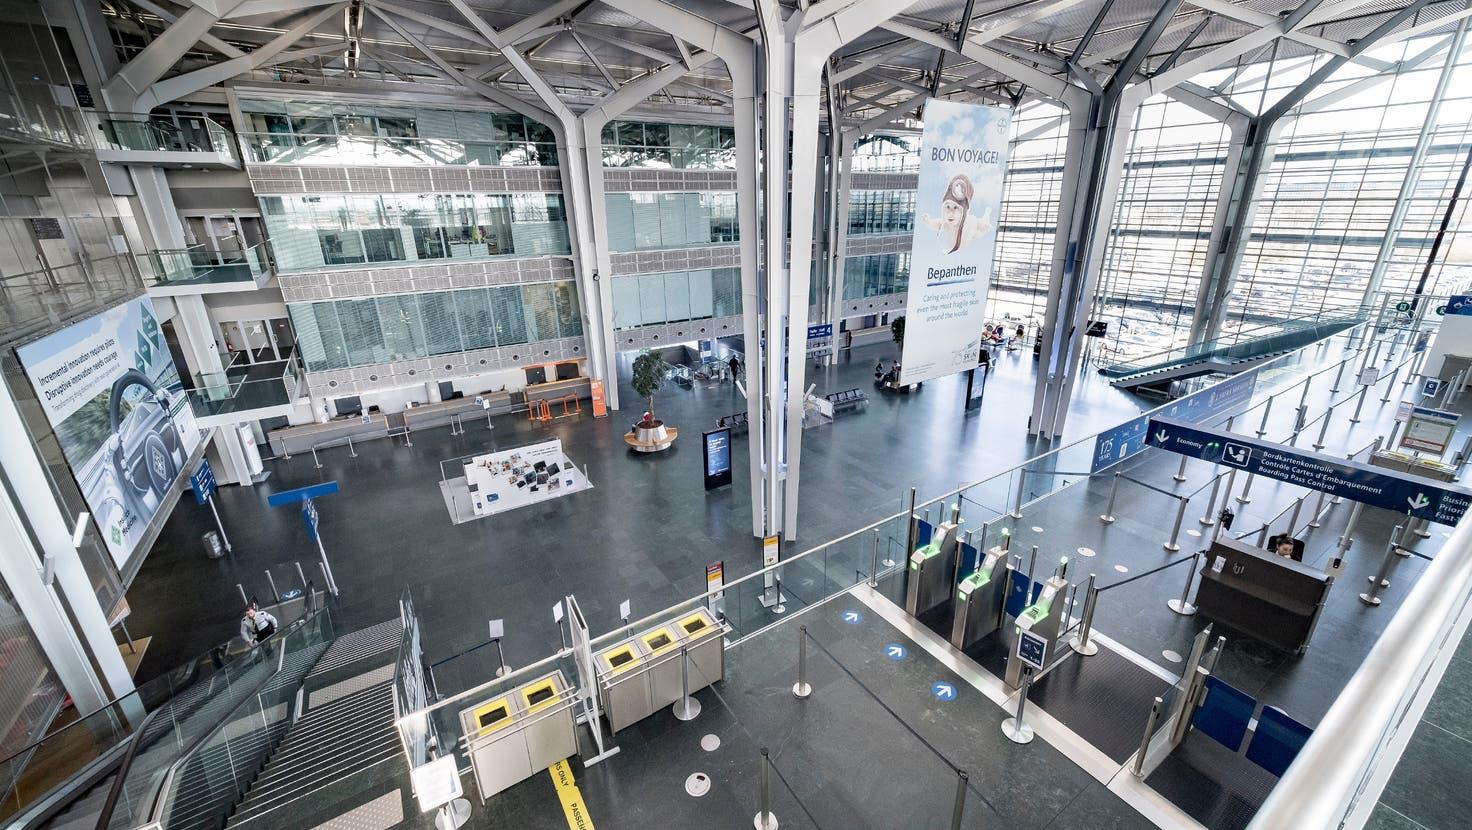 So leer, wie sich der Euro-Airport während des ersten Corona-Lockdowns präsentierte, so dünn fällt die aktuelle Berichterstattung des Flughafens aus. (Kenneth Nars)